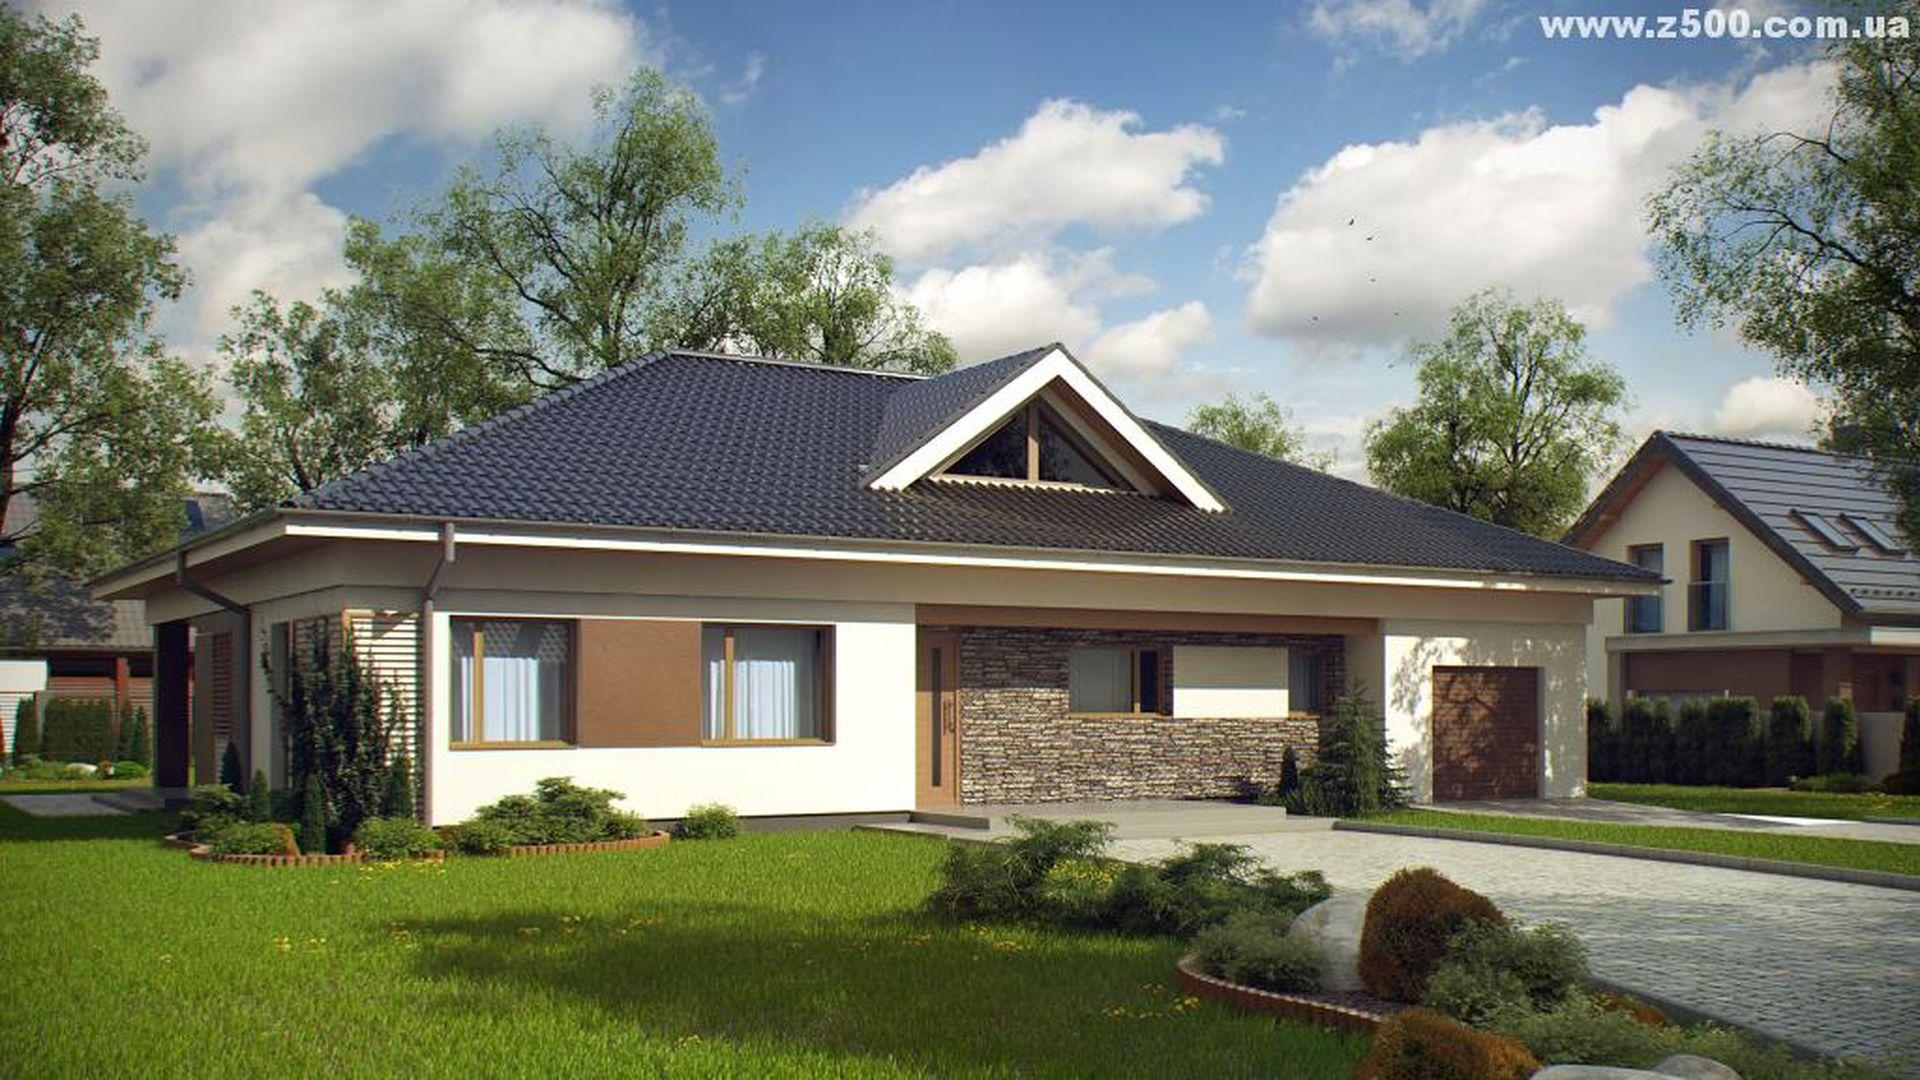 Строительство домов из бруса под ключ в Великом Новгороде